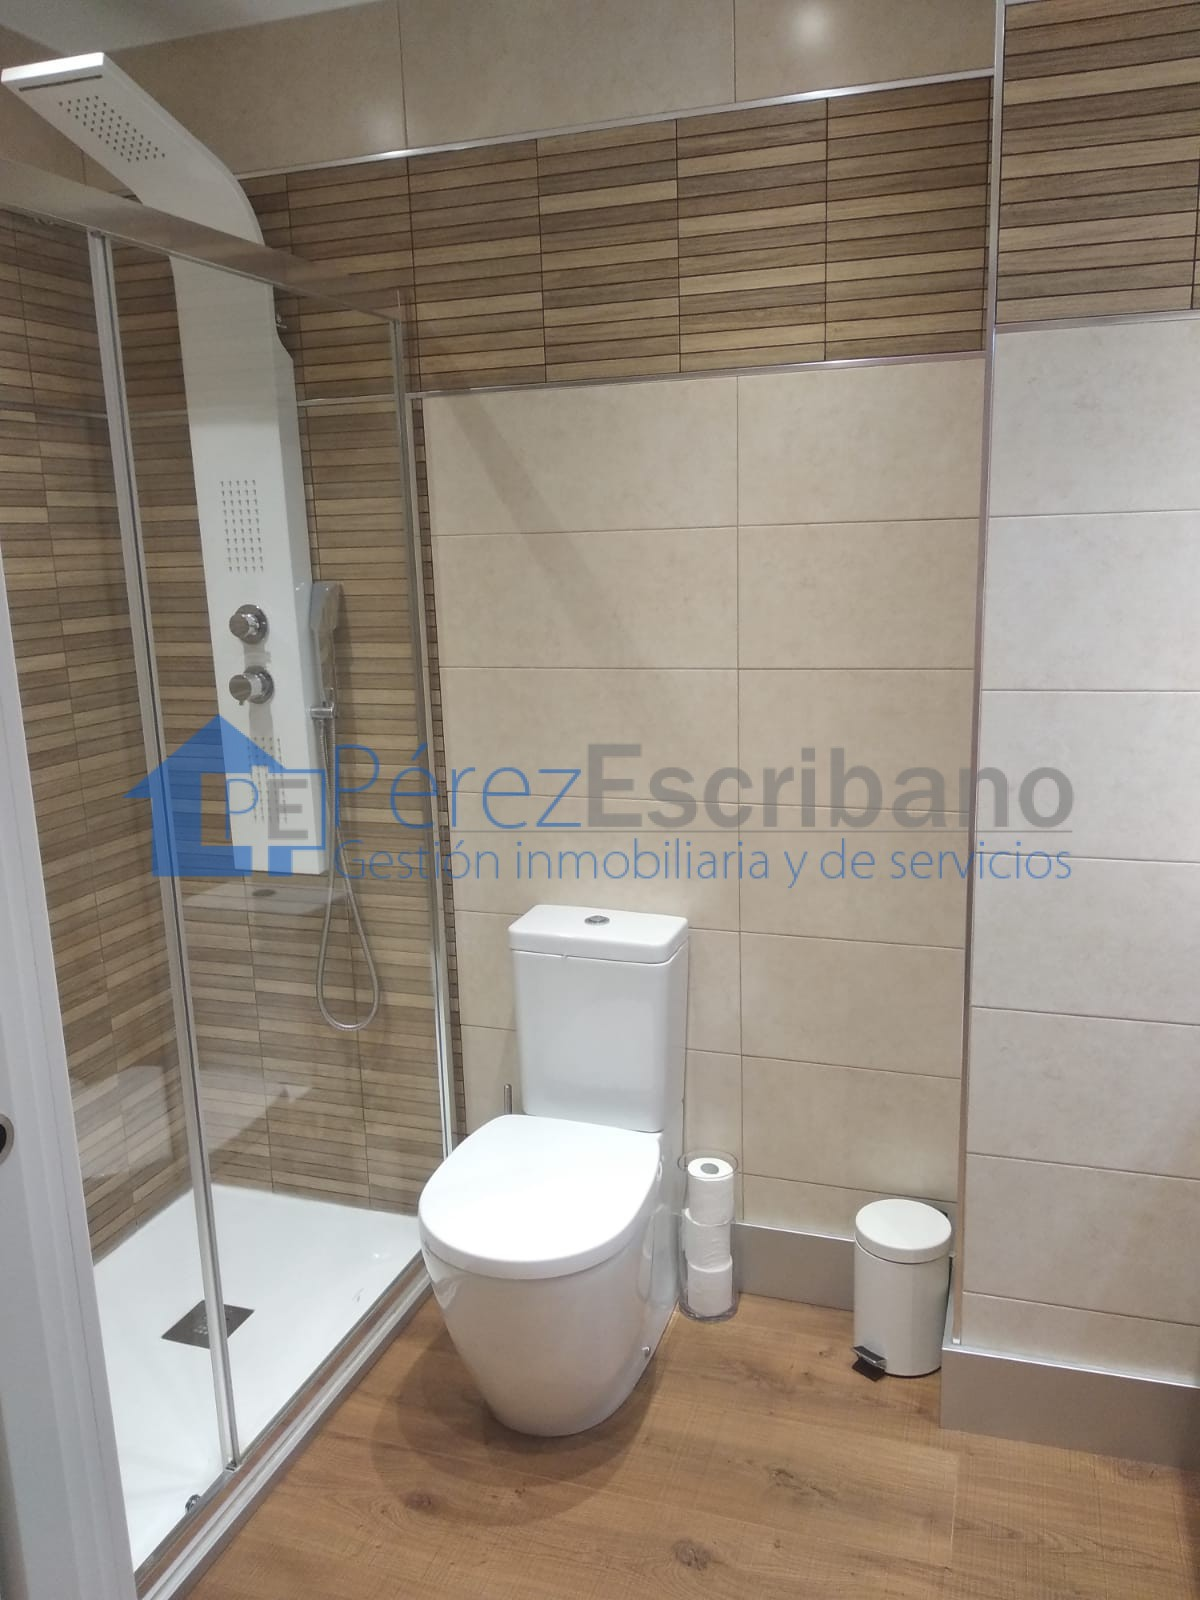 Precioso piso recién reformado - Inmobiliaria Pérez Escribano